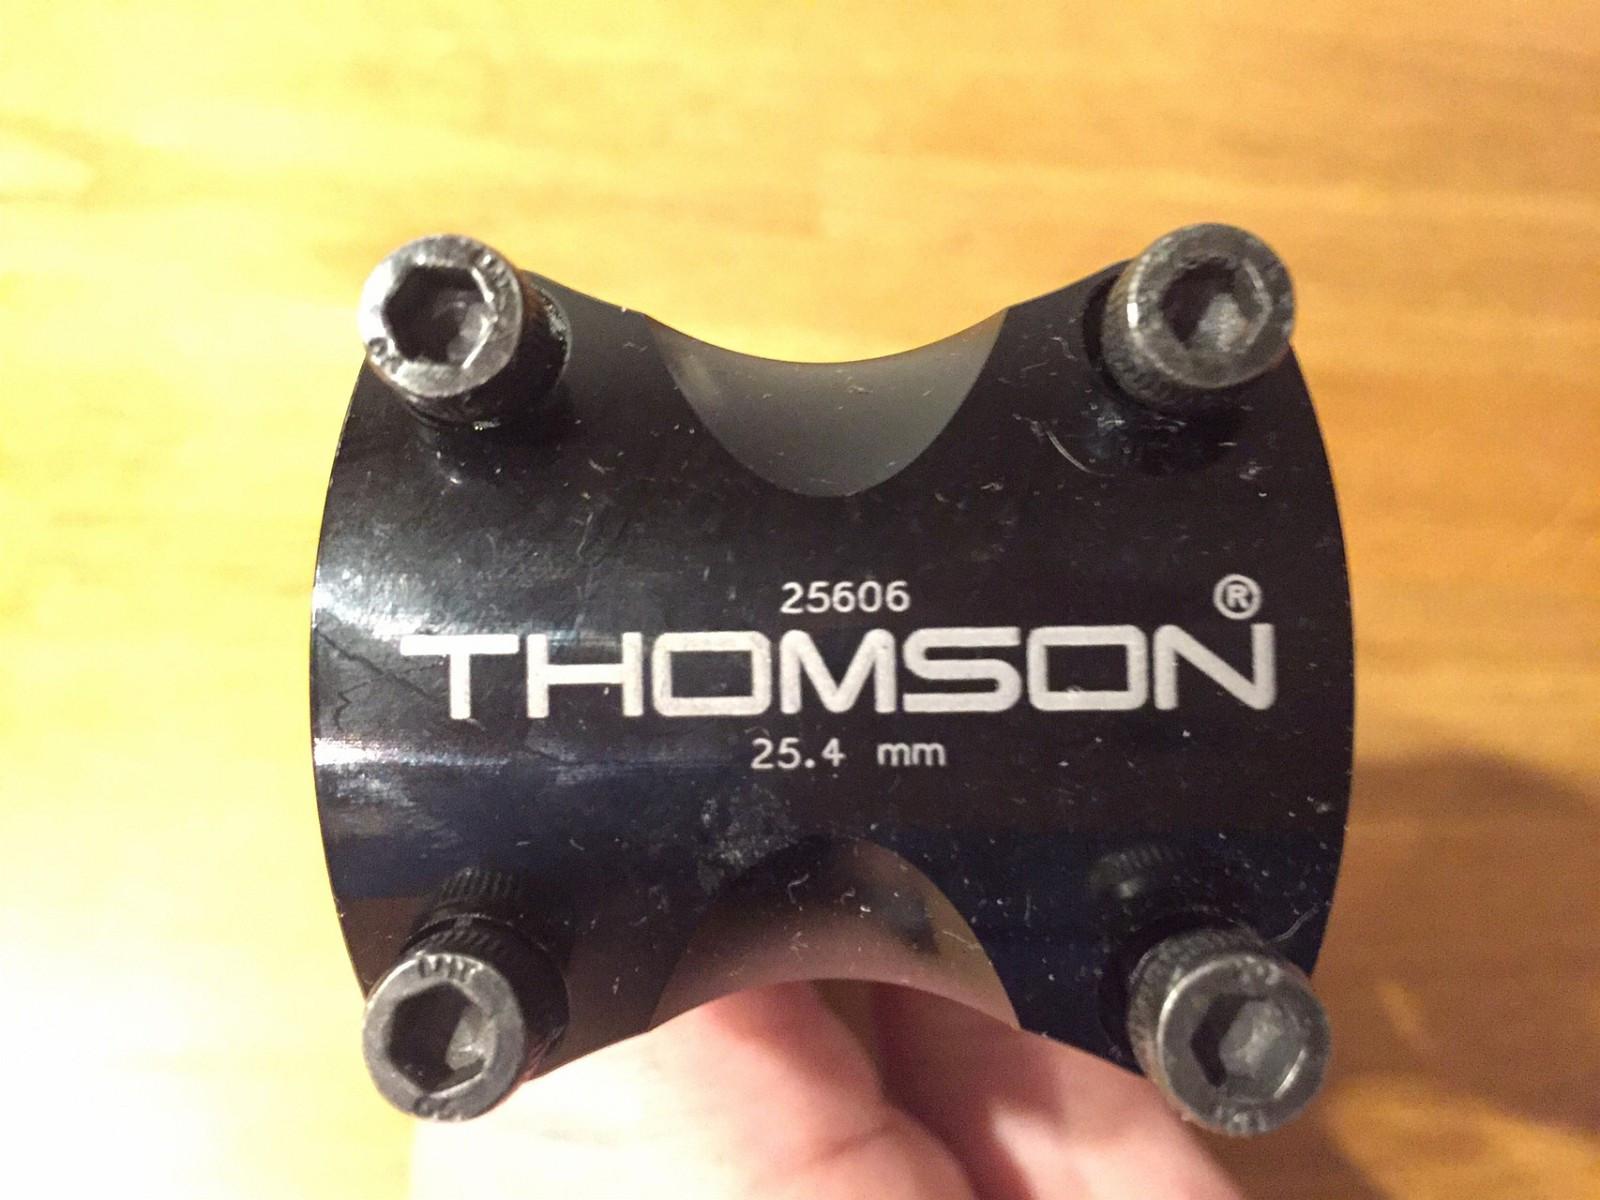 Thomson Elite stem - 25.4 mm - Oslo  - Thomson Elite stem - 25.4mm styrediameter 110mm lengde - 5 grader Lett og stivt og som nytt.   Kan sende om kjøper betaler porto - kr 40. - Oslo